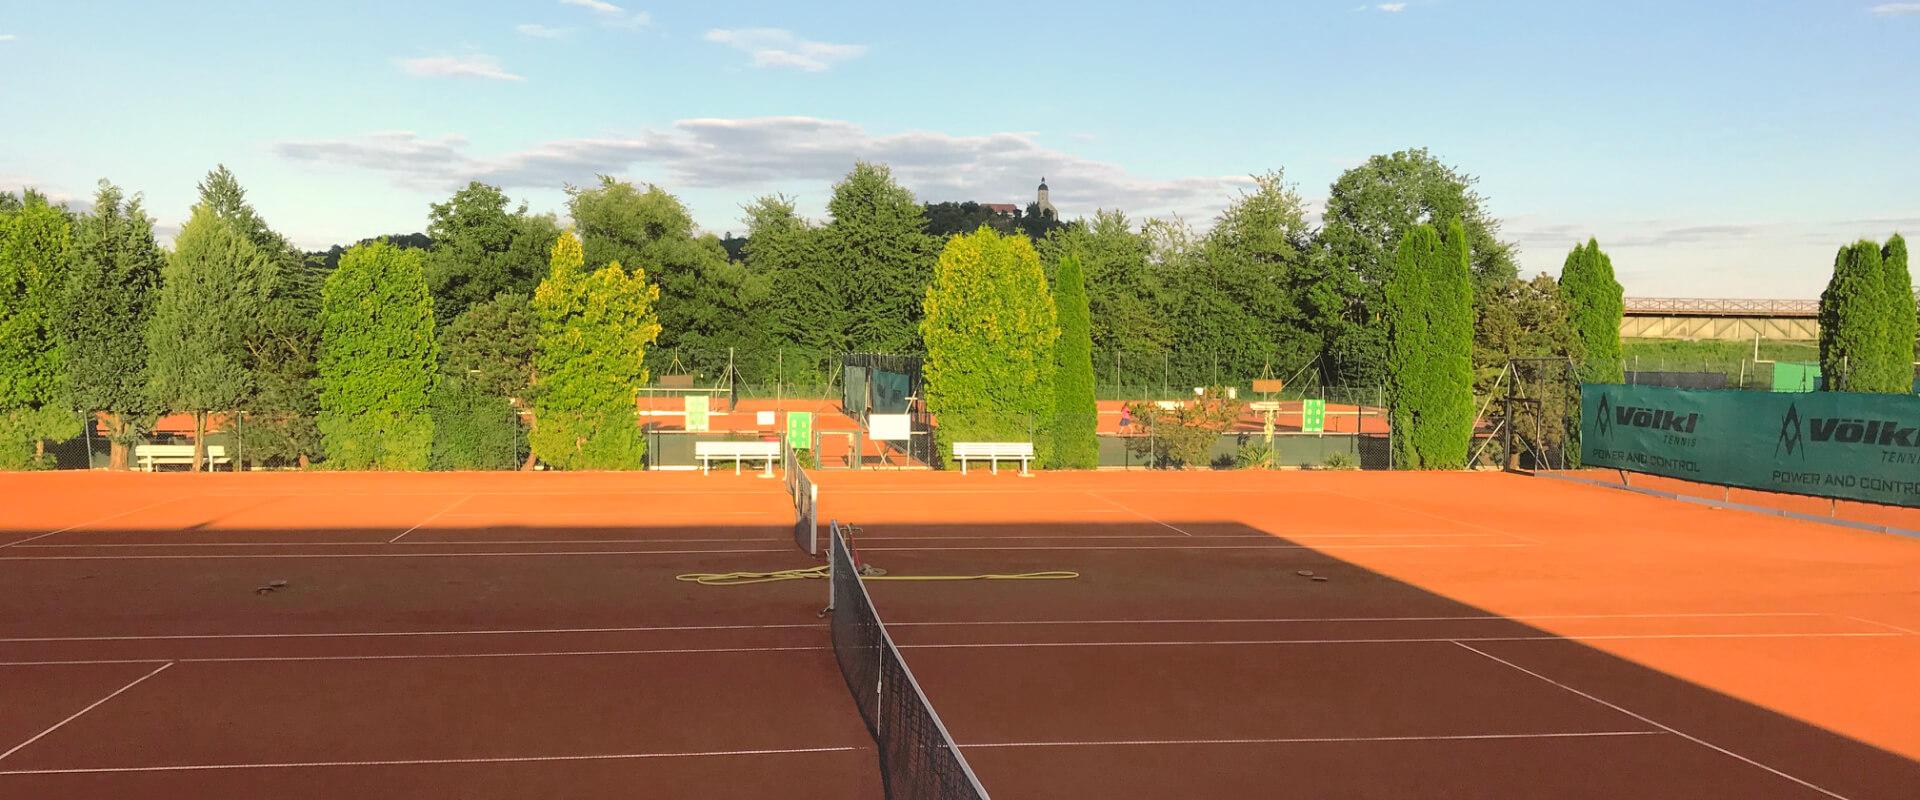 TSV 1883 Bogen - Tennis e.V.